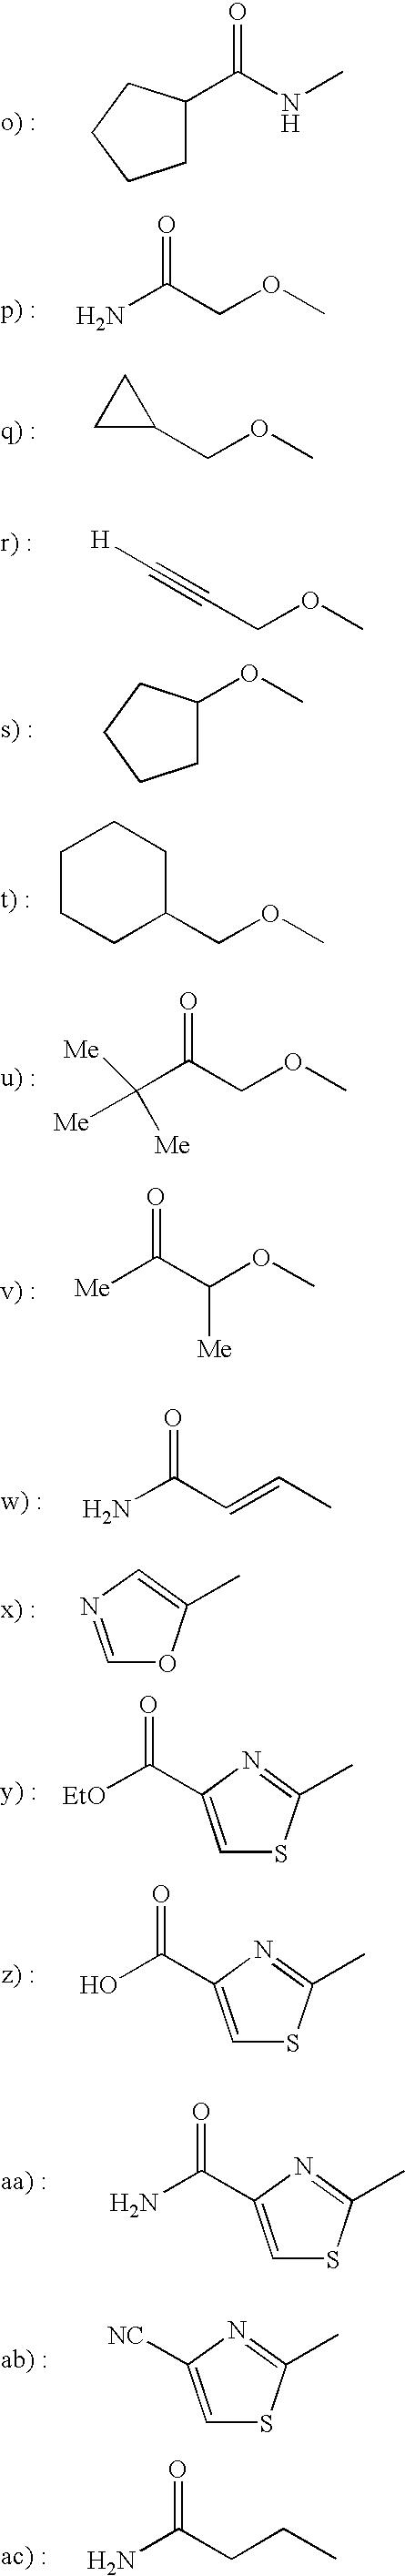 Figure US07034039-20060425-C00013